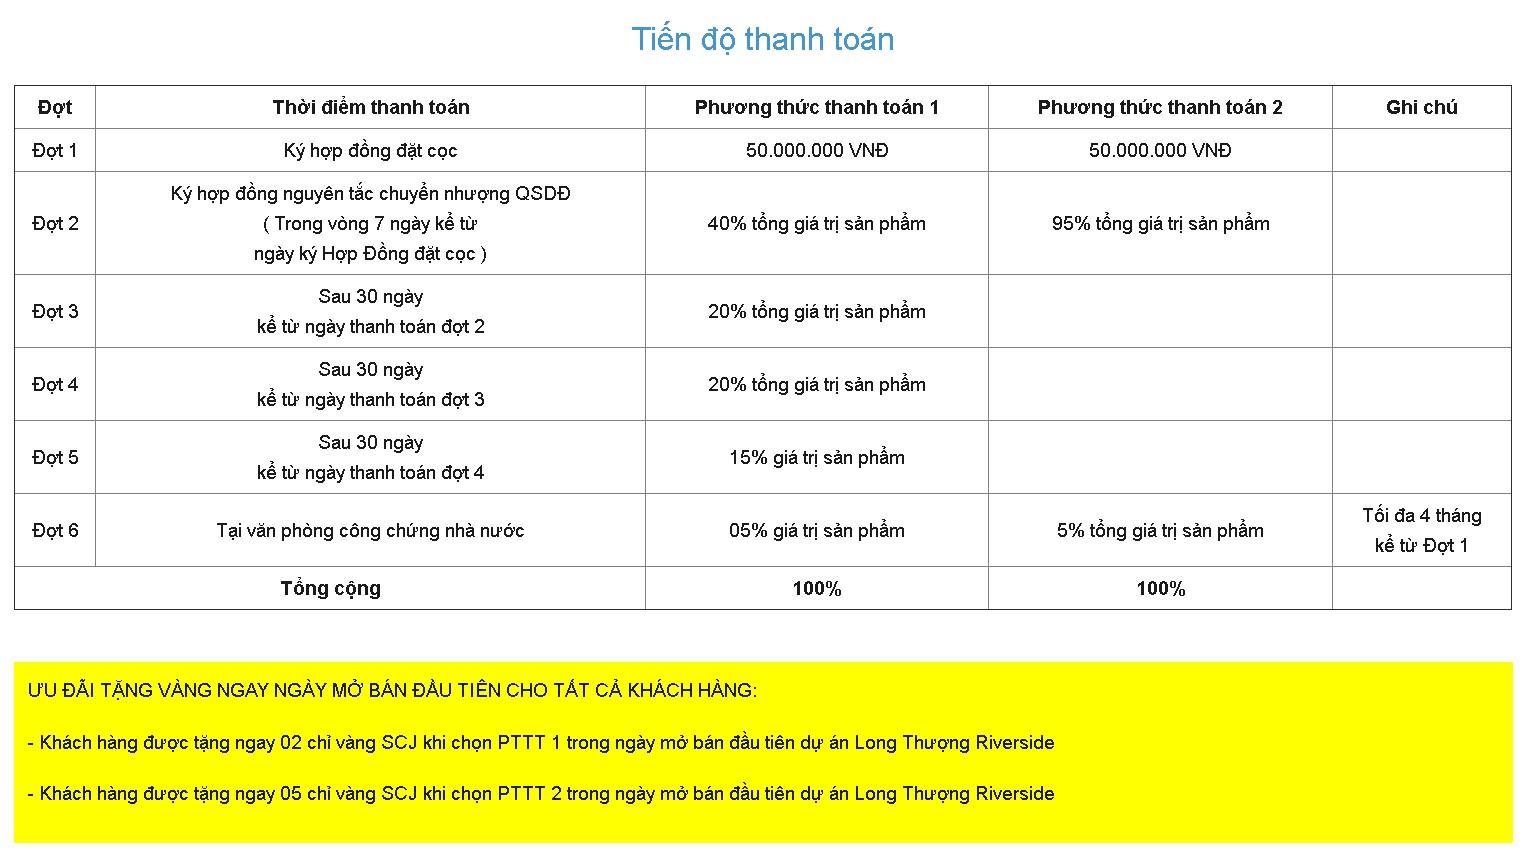 Phương thức thanh toán dự án Long Thượng Riverside